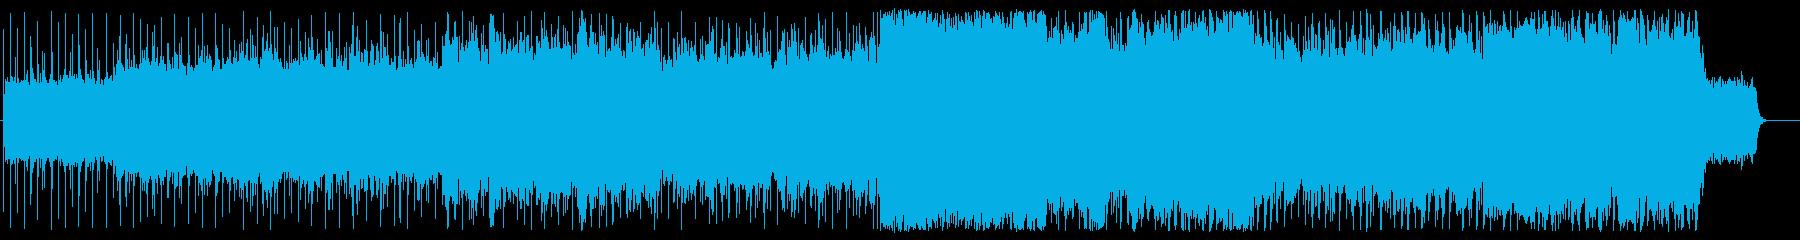 星 宇宙 幻想的 回想 幸福 ブライダルの再生済みの波形